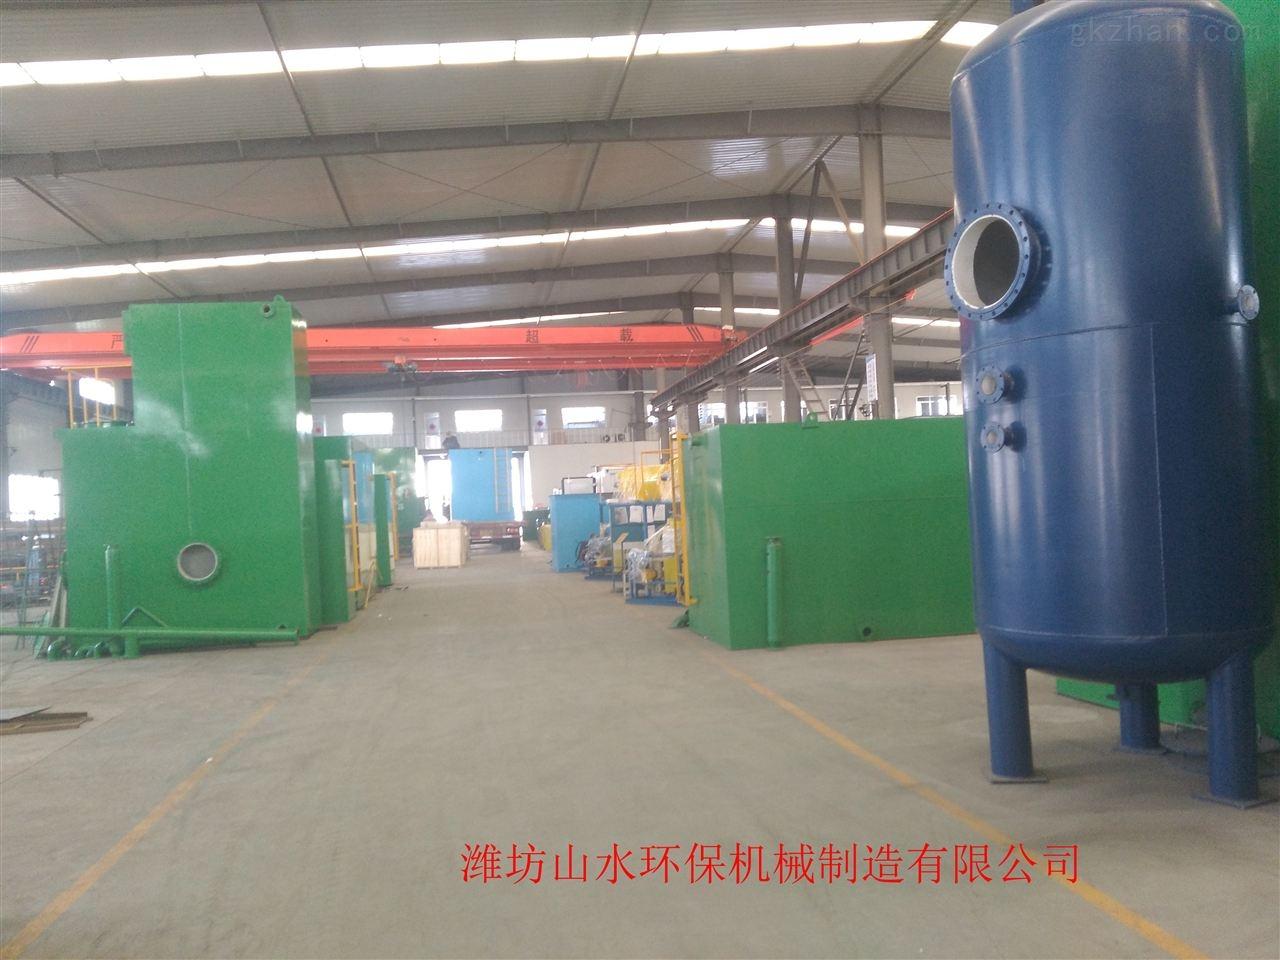 江西省抚州市水厂一体化净水器饮用水消毒净化设备设计图纸